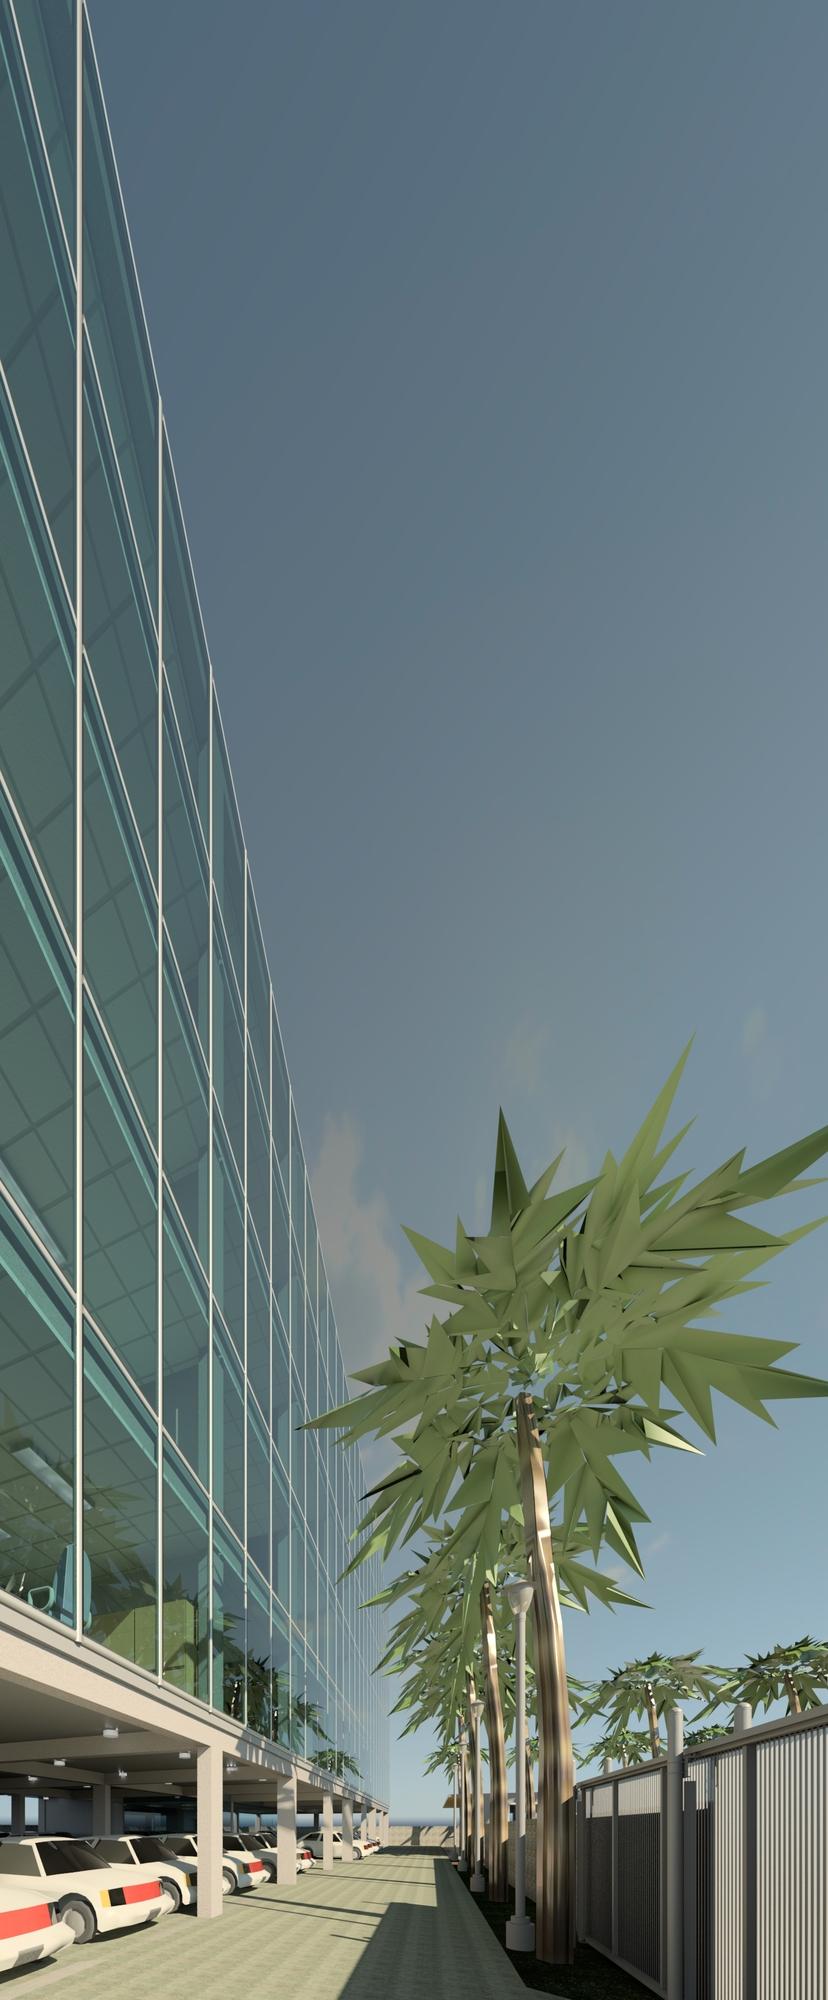 Raas-rendering20141111-24760-1r826zk